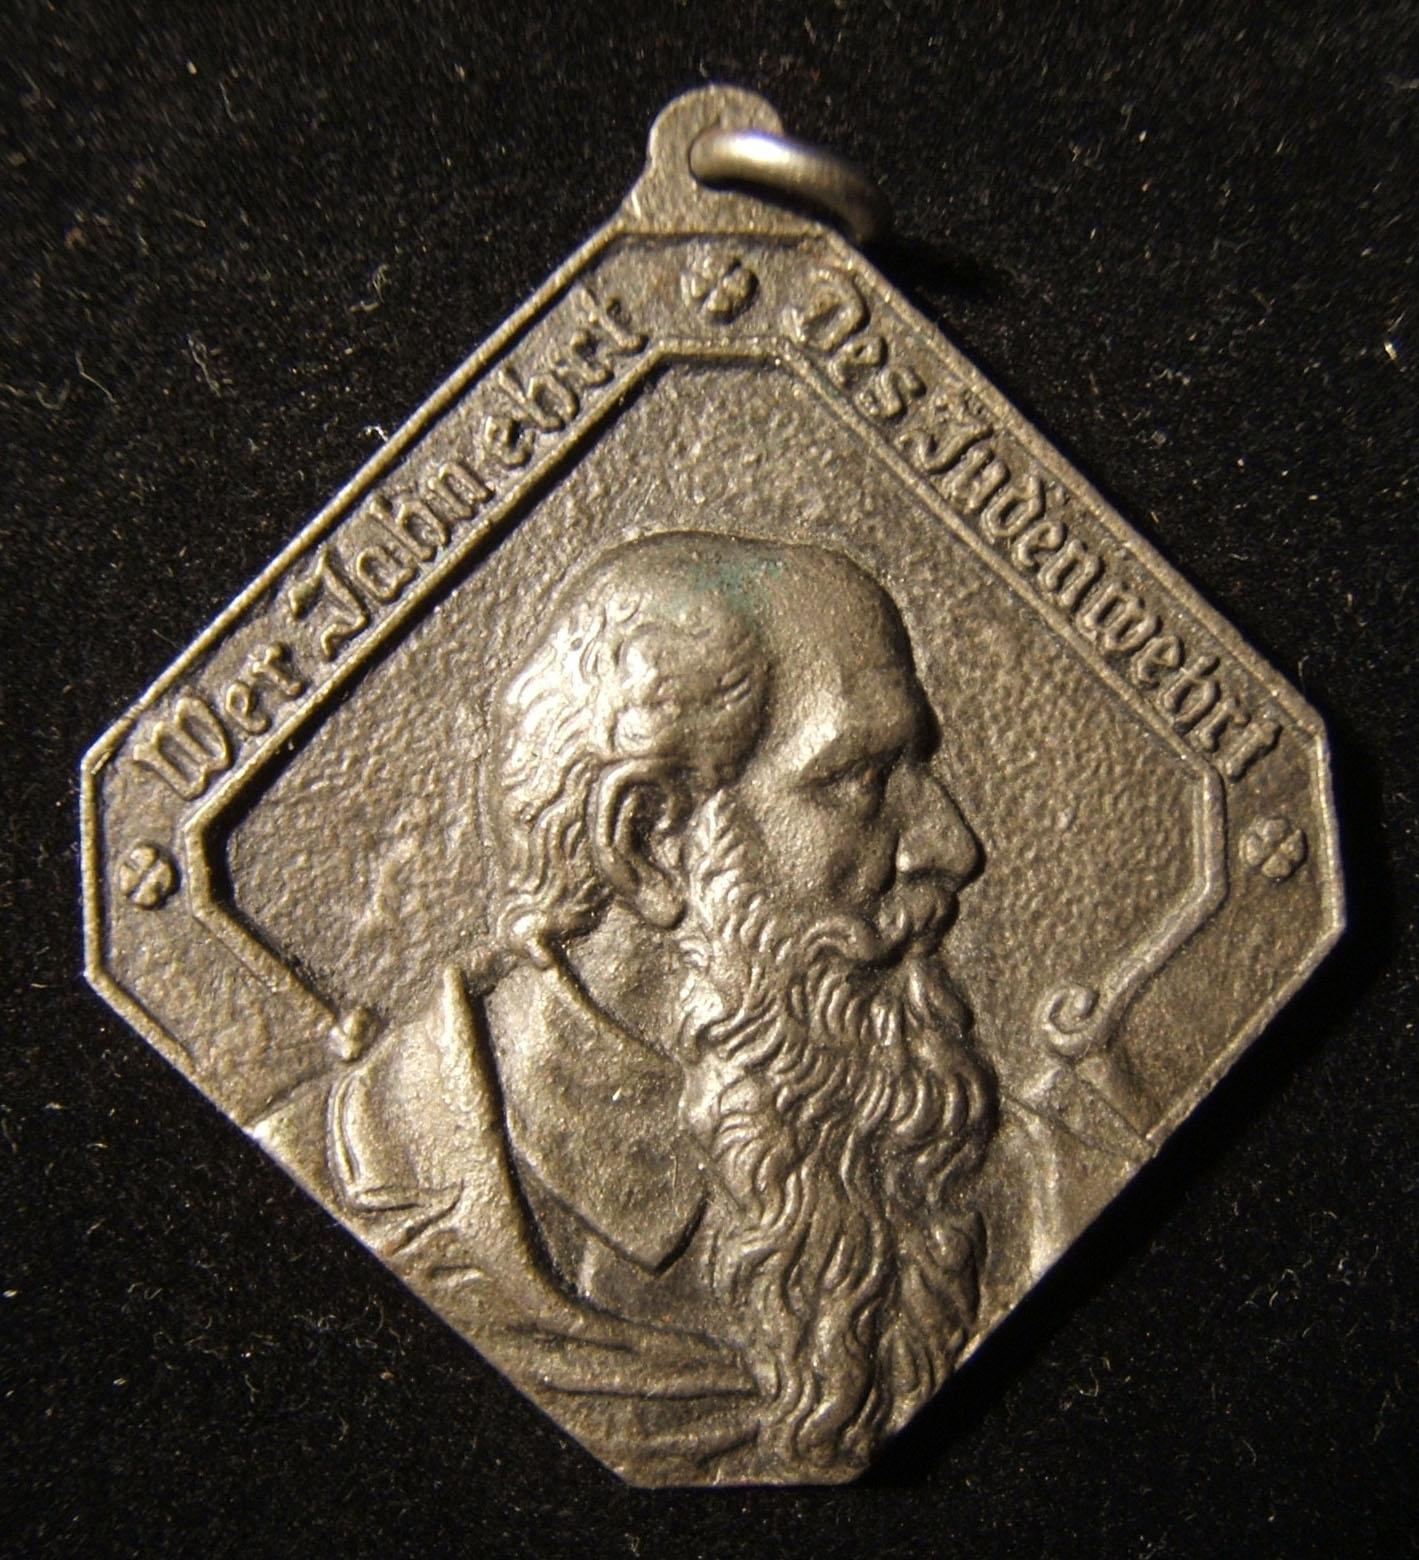 Deutschland: Friedrich Ludwig Jahn, antisemitisches Medaillon, Guss-Eisen, ca. 1870-1880er; kein Hersteller gekennzeichnet; 36 x 36 mm, 16,5 g. Vorderseite: Nach rechts schauender